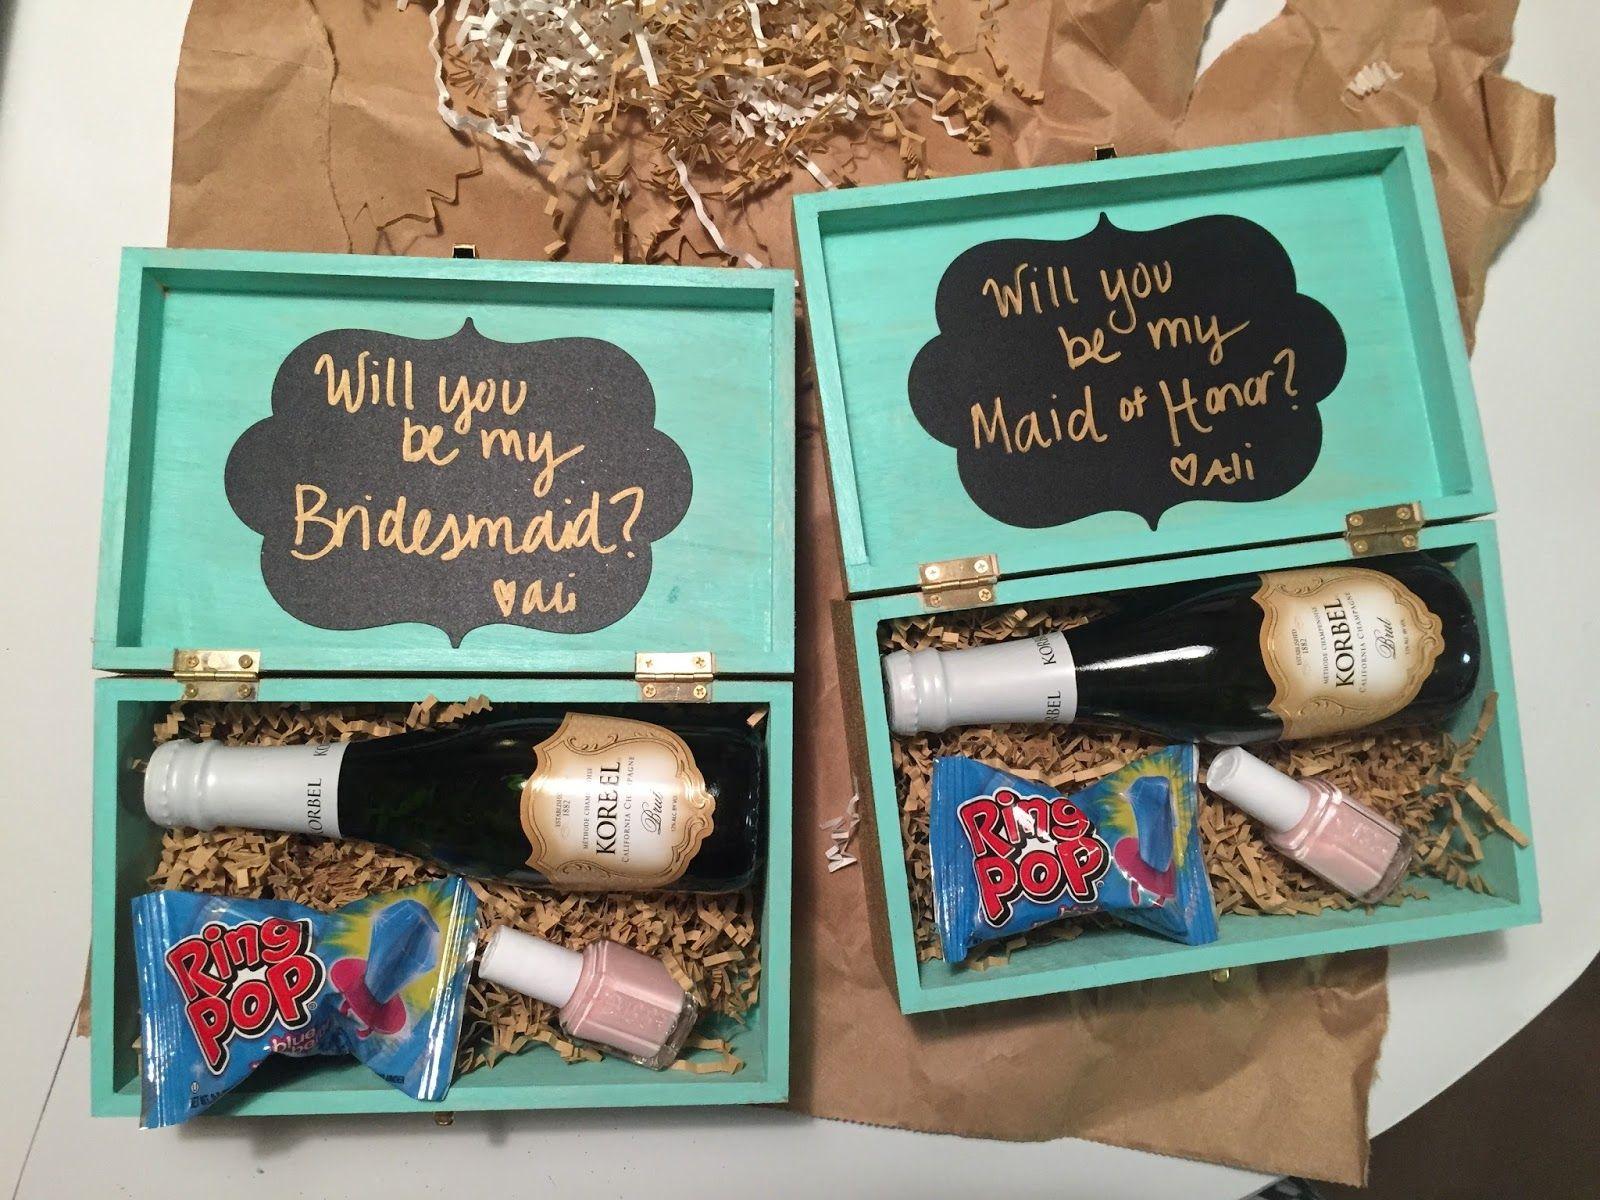 How to make diy bridesmaid proposal boxes according to ali how to make diy bridesmaid proposal boxes according to ali personal lifestyle blog solutioingenieria Choice Image